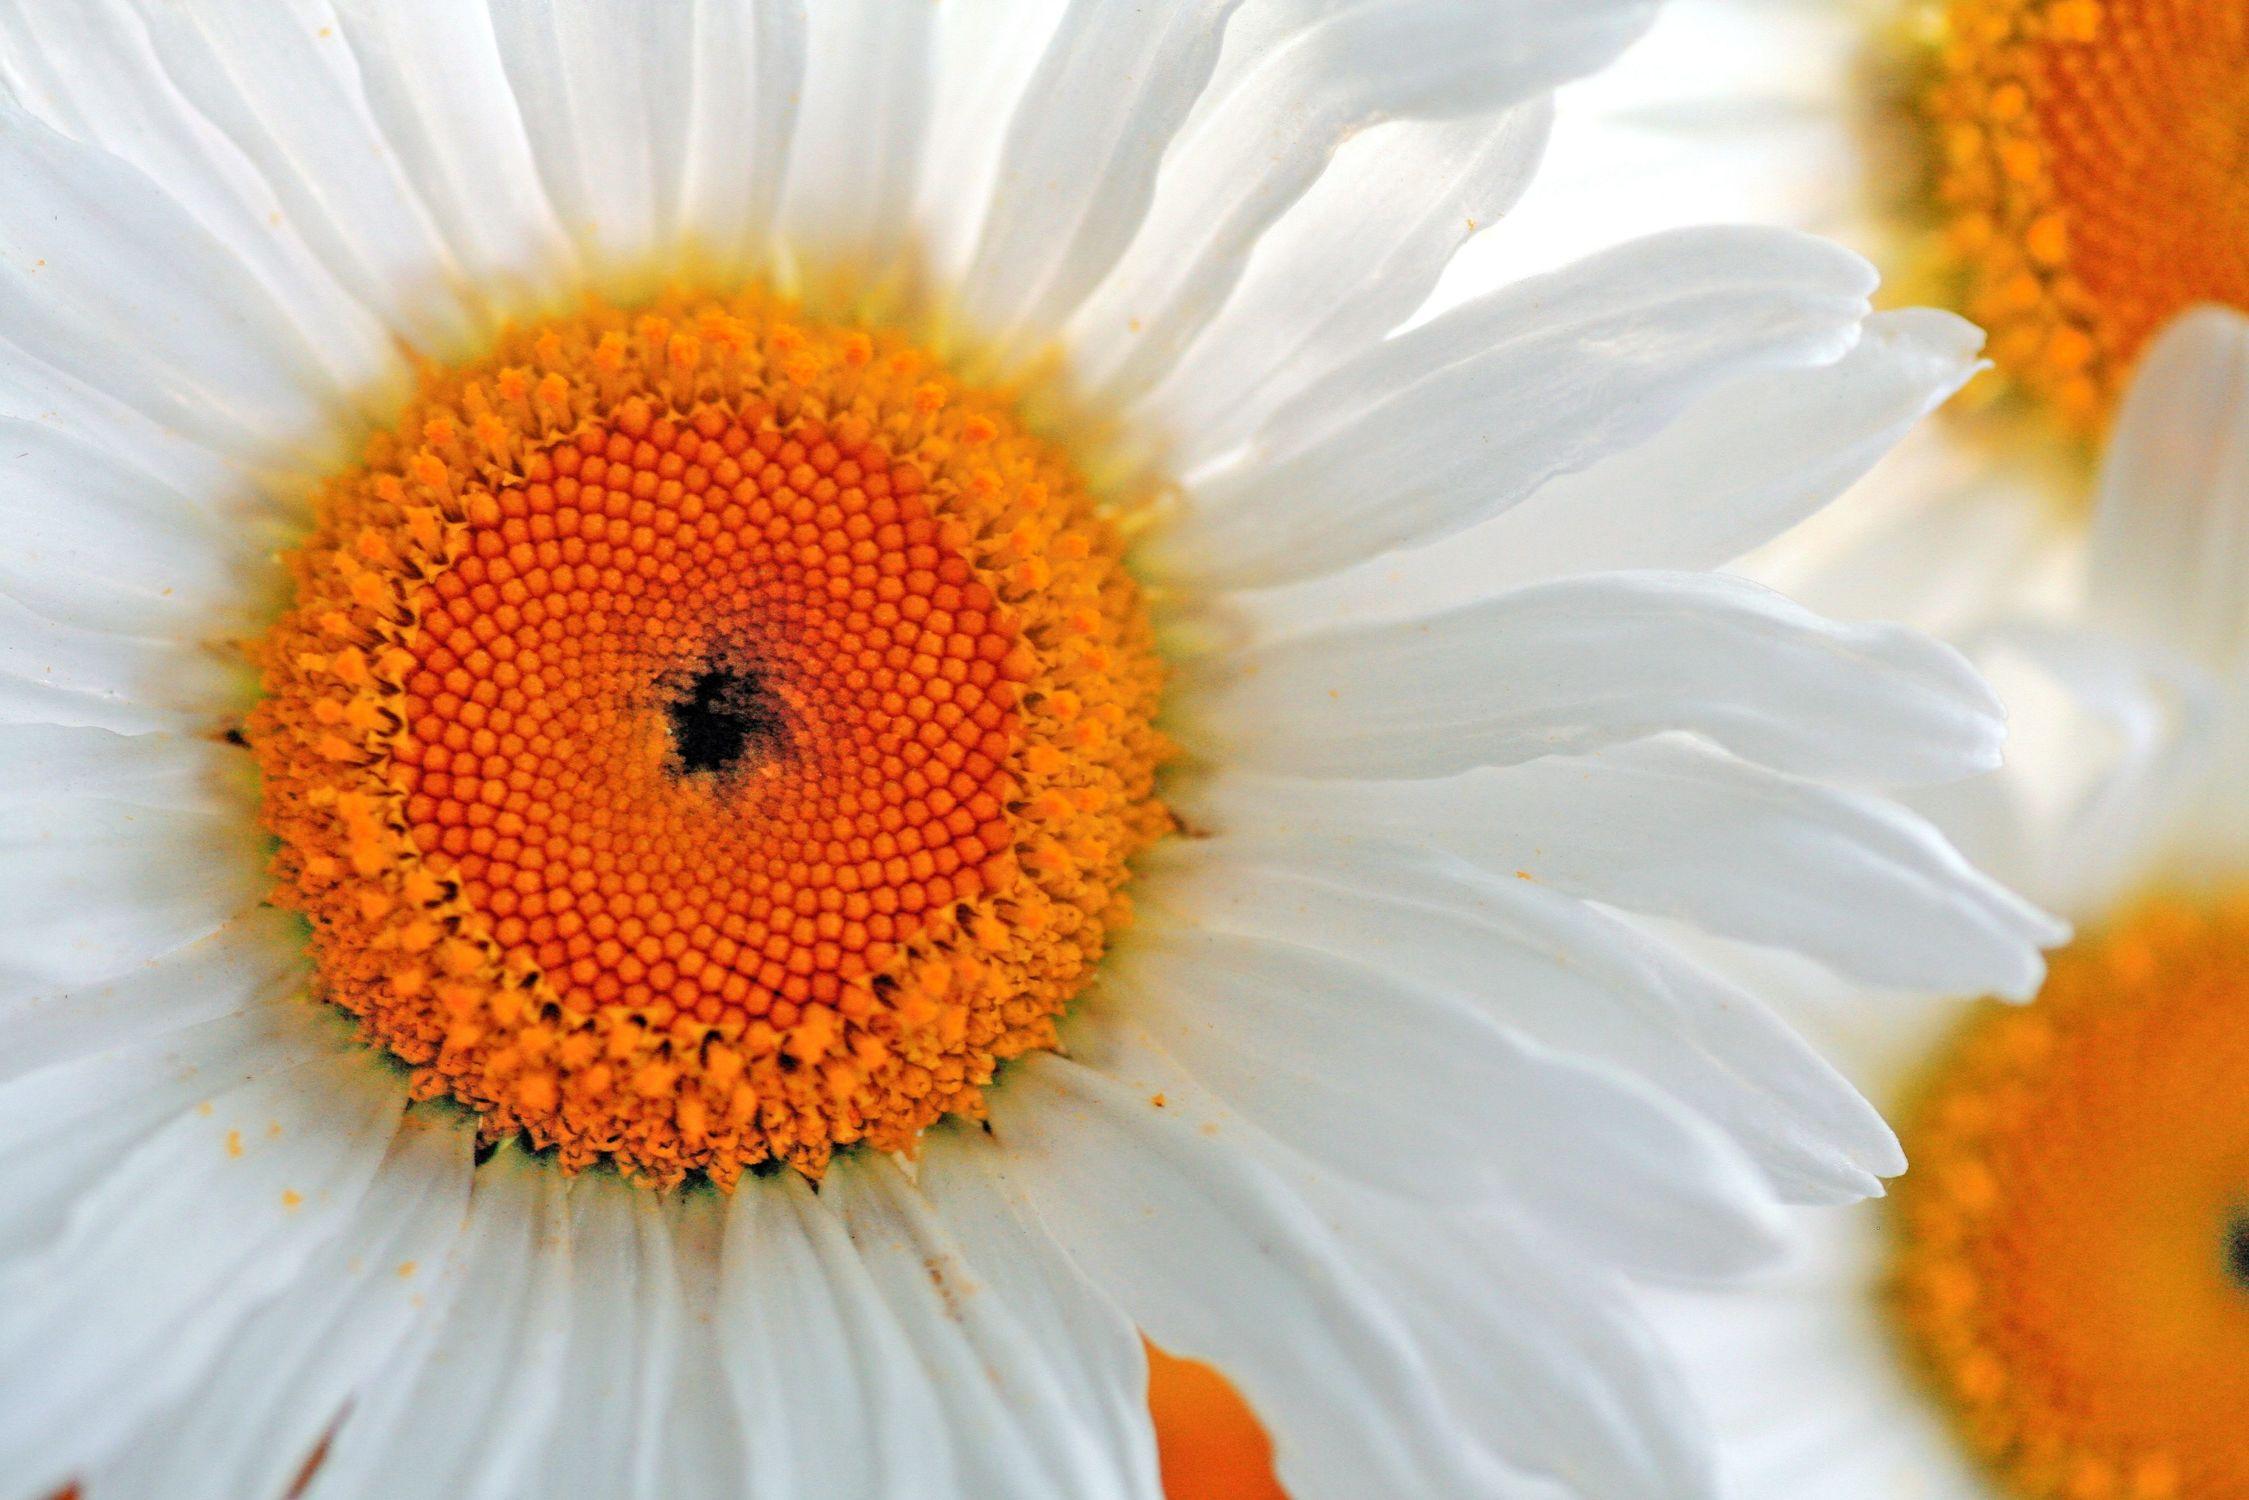 Bild mit Farben, Orange, Gelb, Natur, Pflanzen, Blumen, Korbblütler, Gerberas, Kamillen, Sonnenblumen